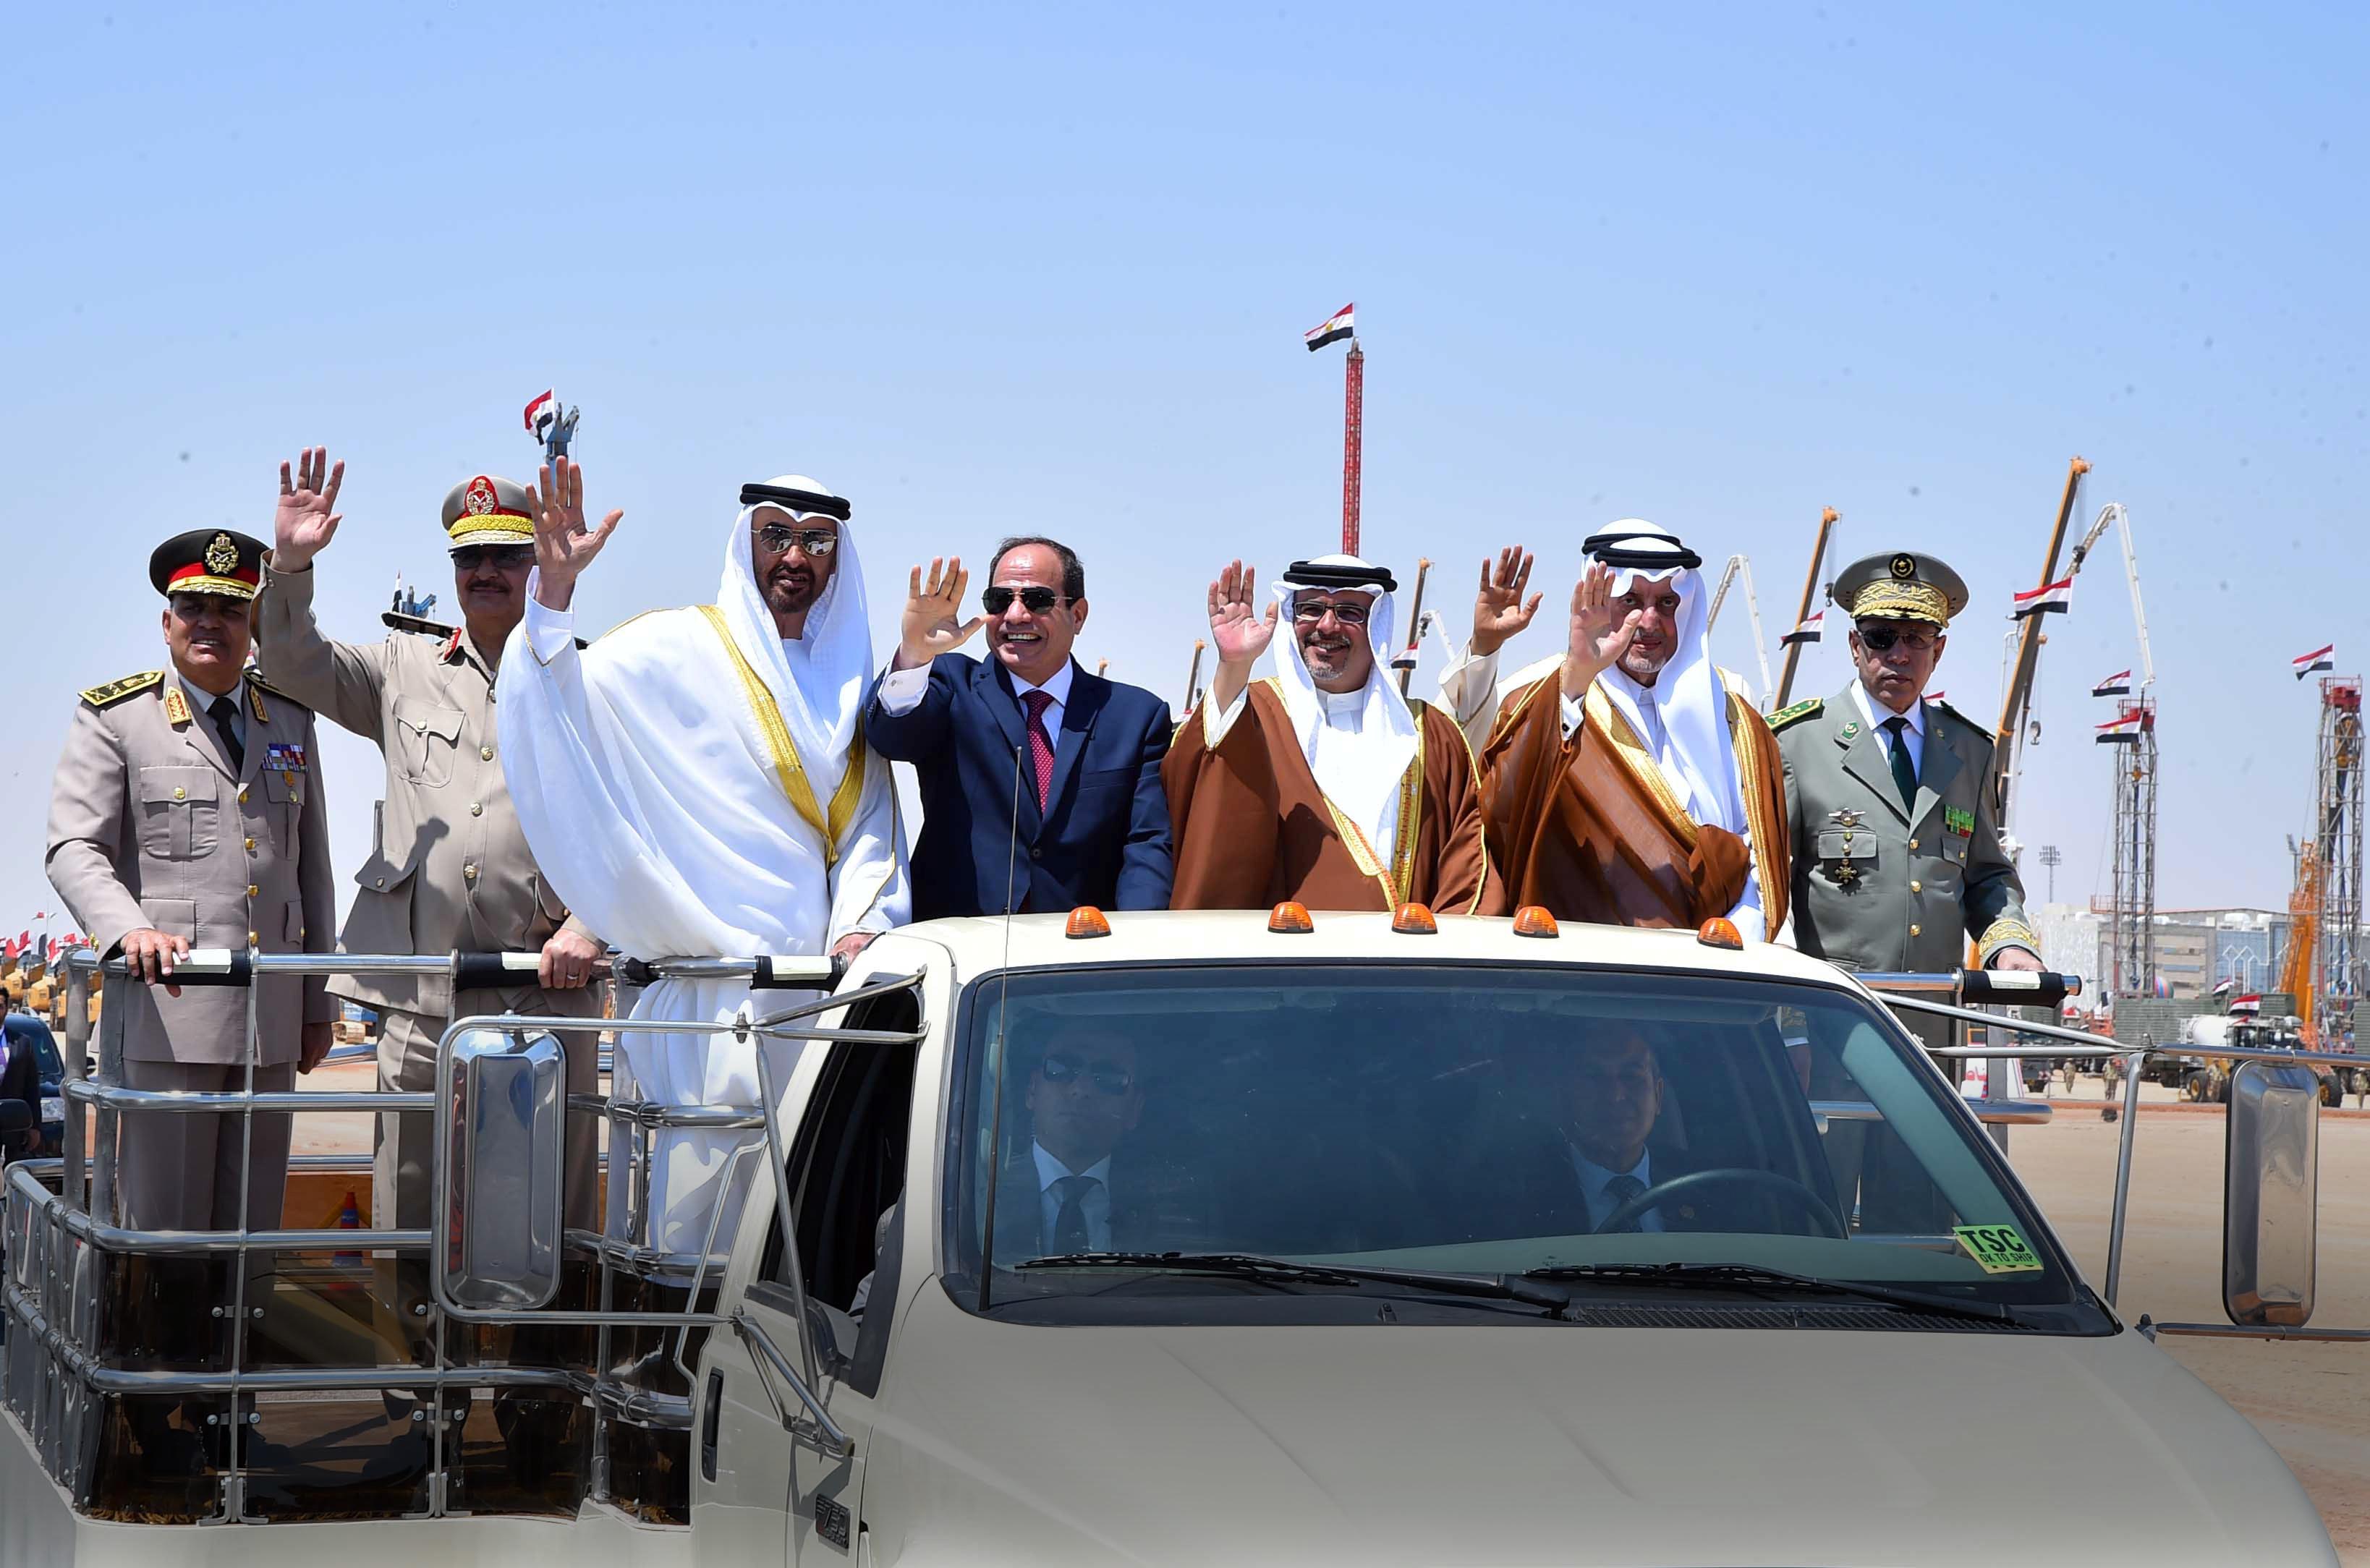 رضوخ  حفتر  وداعميه.. هكذا غيّرت تركيا موازين القوى في ليبيا!   ترك برس